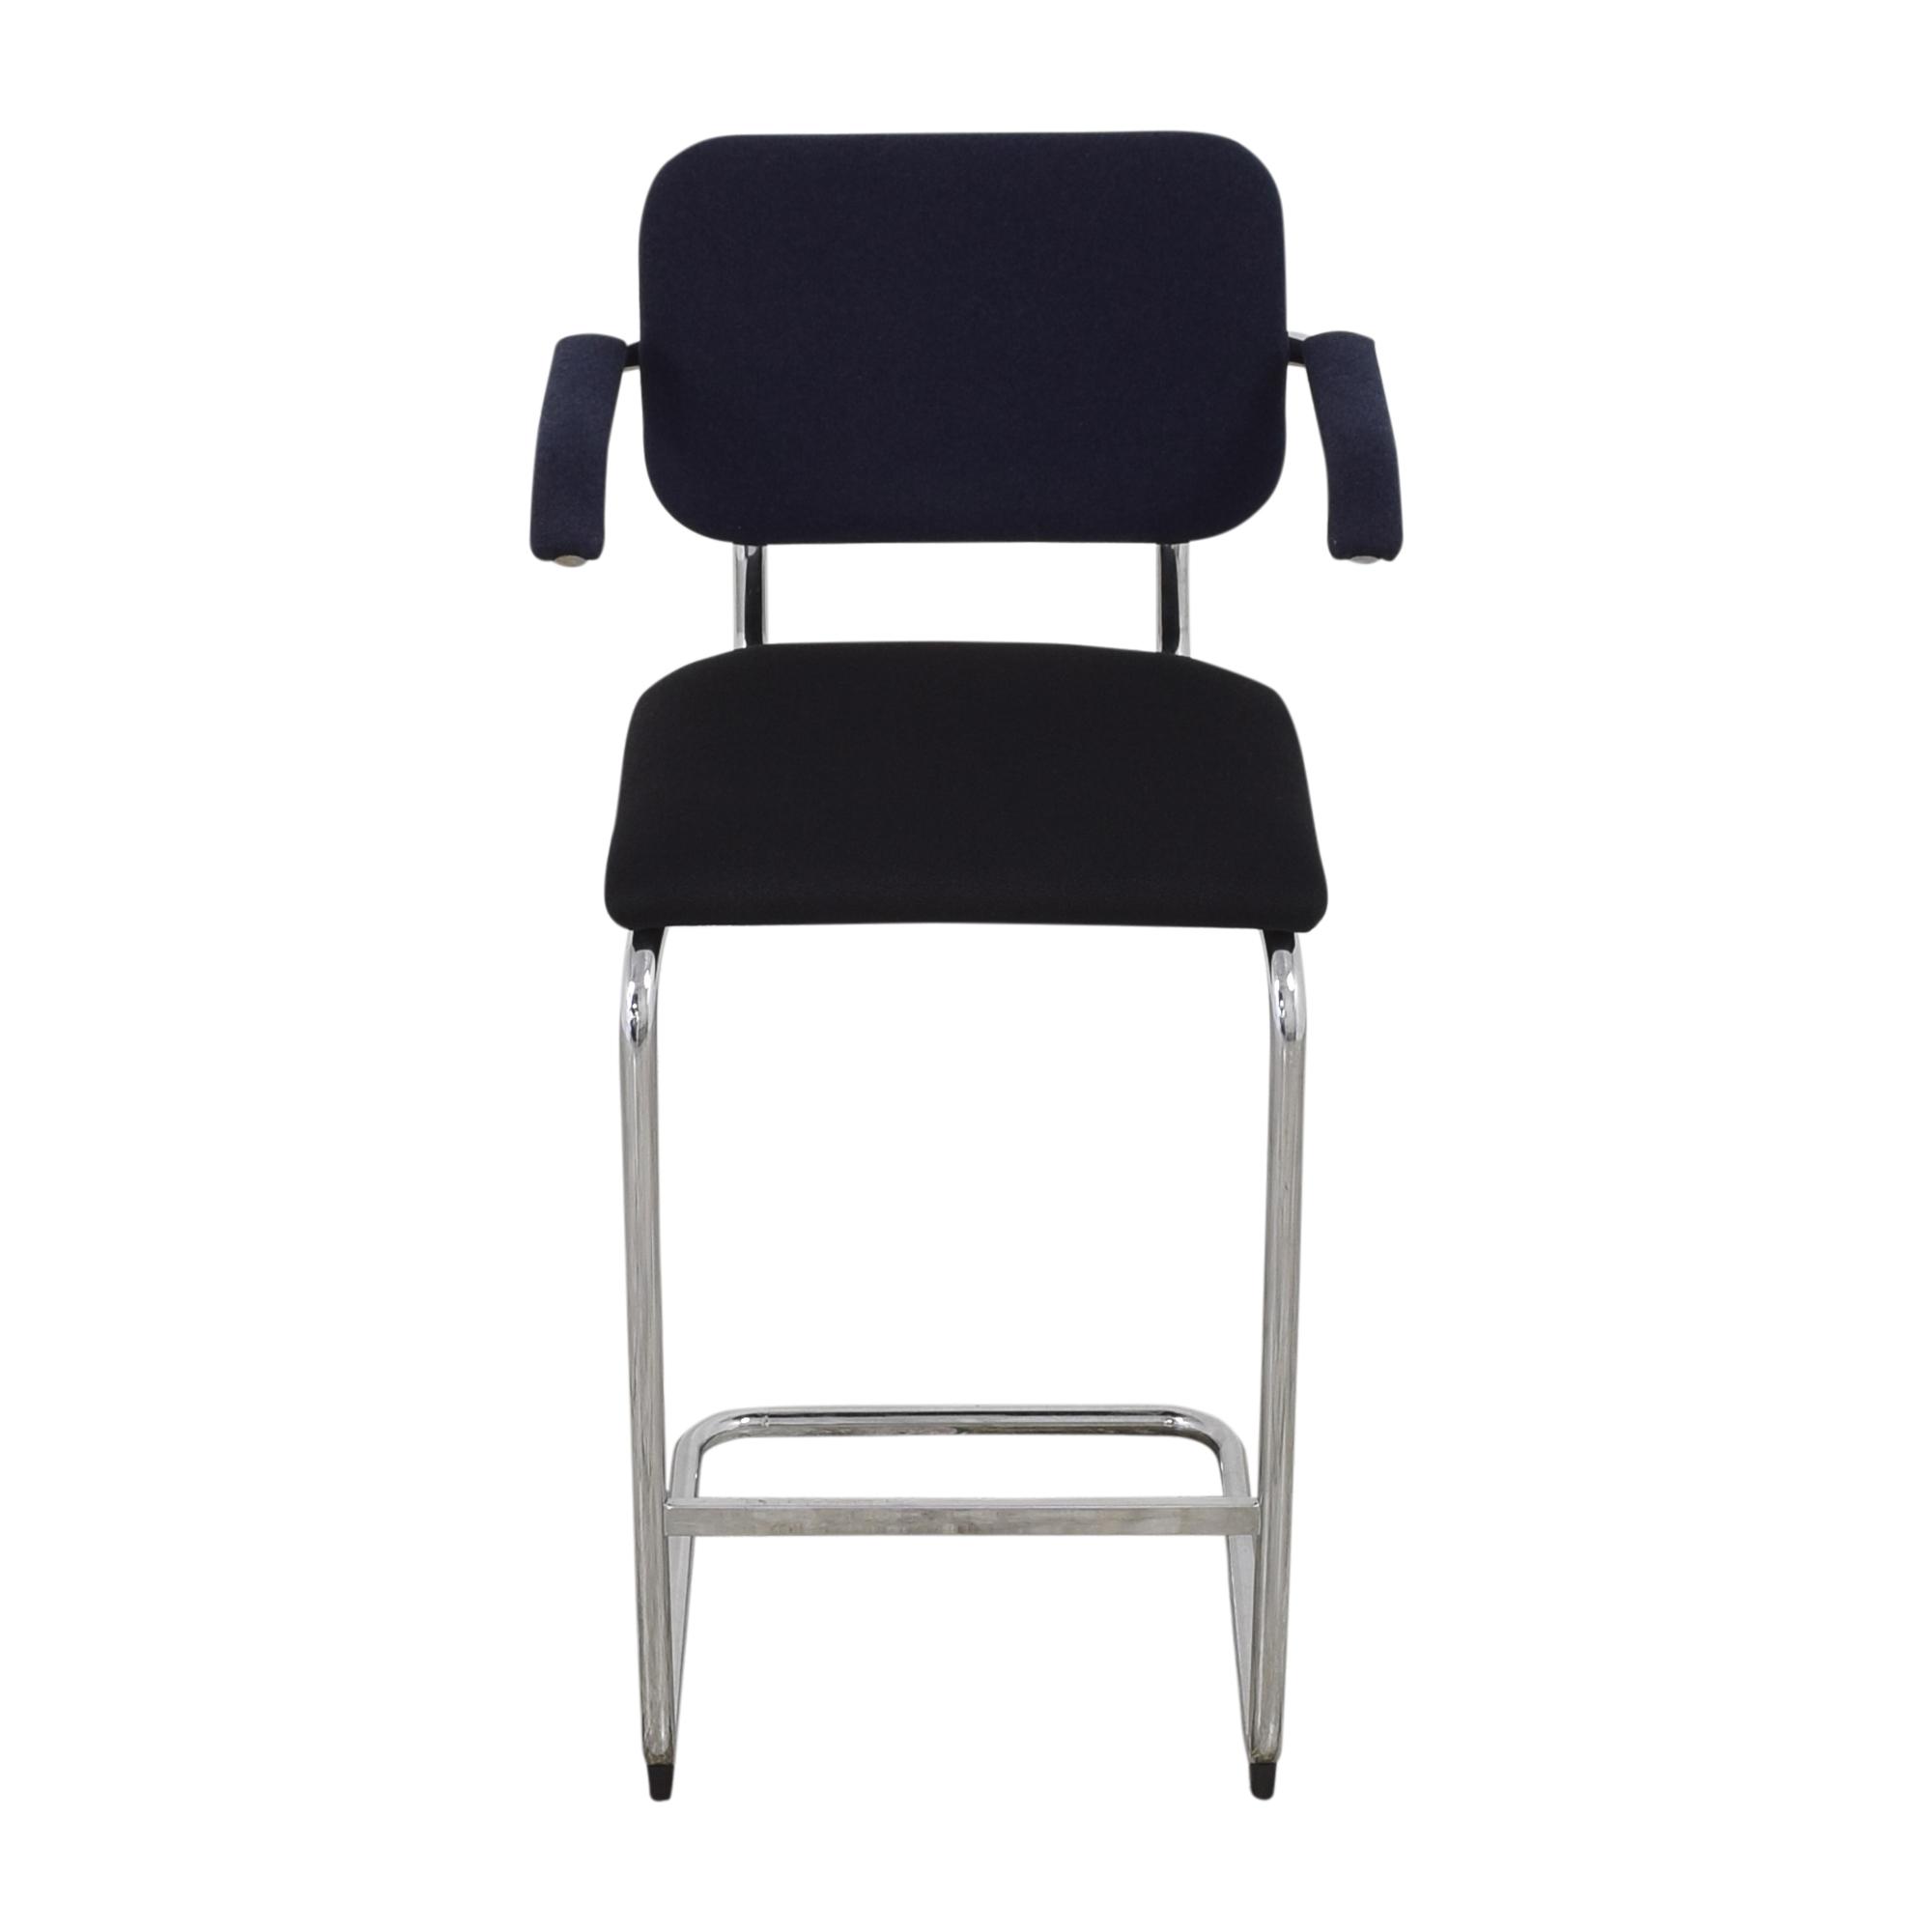 Knoll Knoll Marcel Breuer Cesca Arm Chair on sale